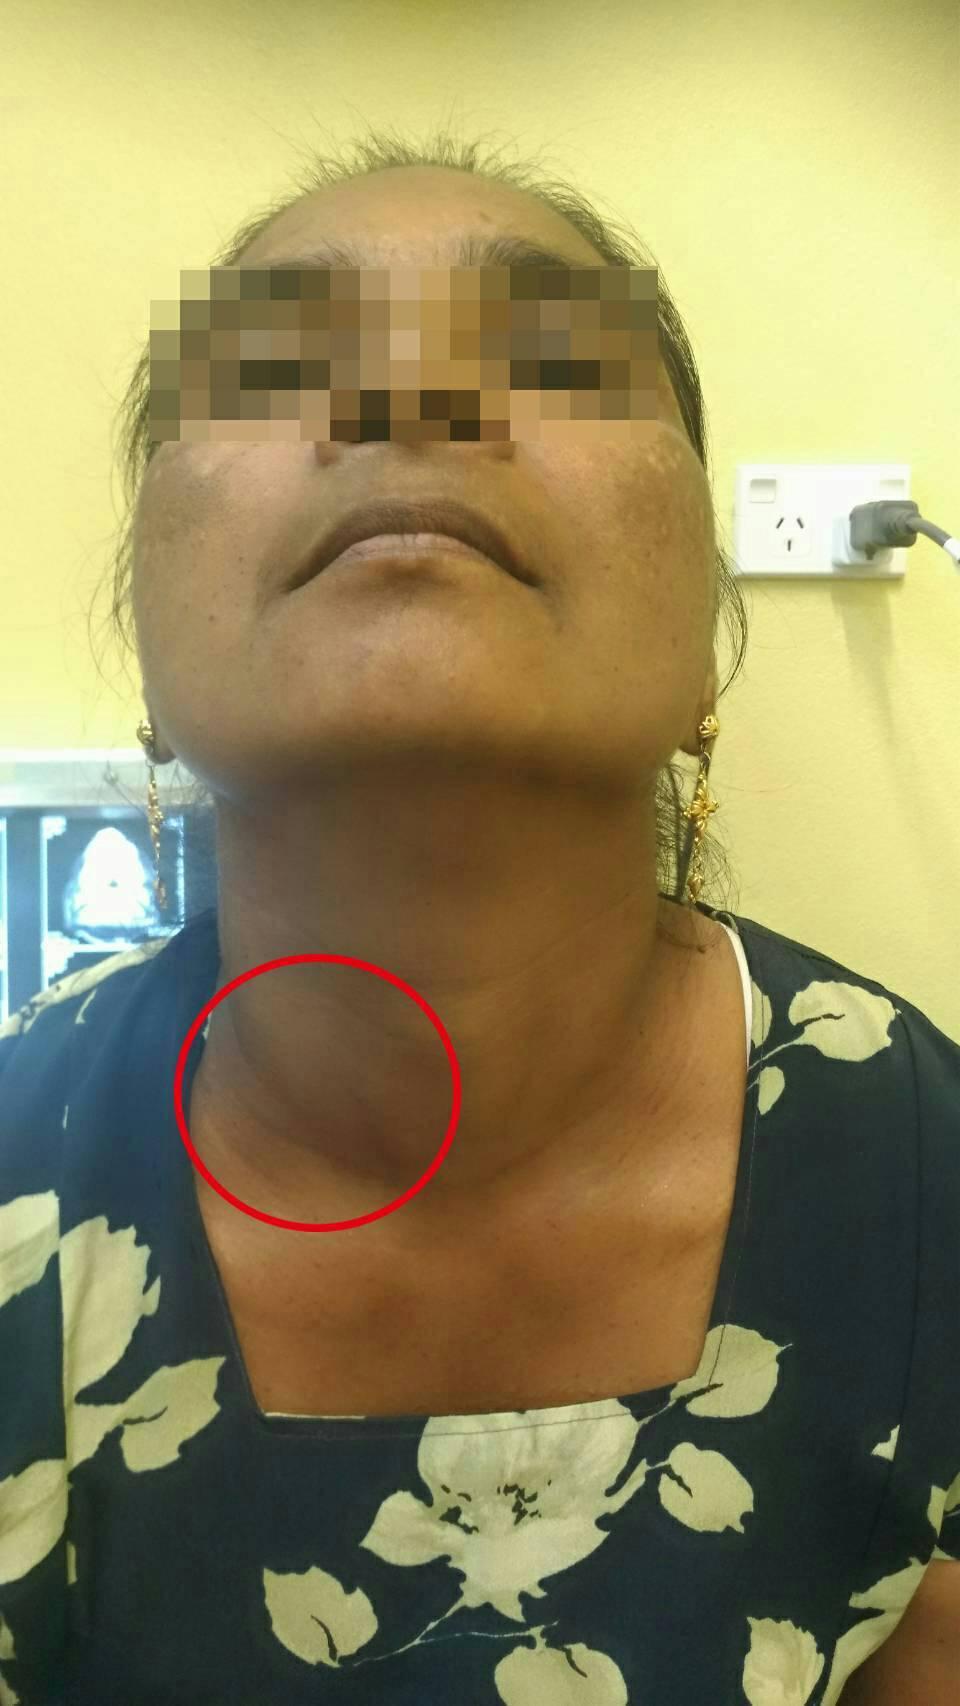 57歲斐濟婦人患甲狀腺腫逾六年,脖子外觀腫如雞蛋,一活動就呼吸困難。 圖╱國泰醫...